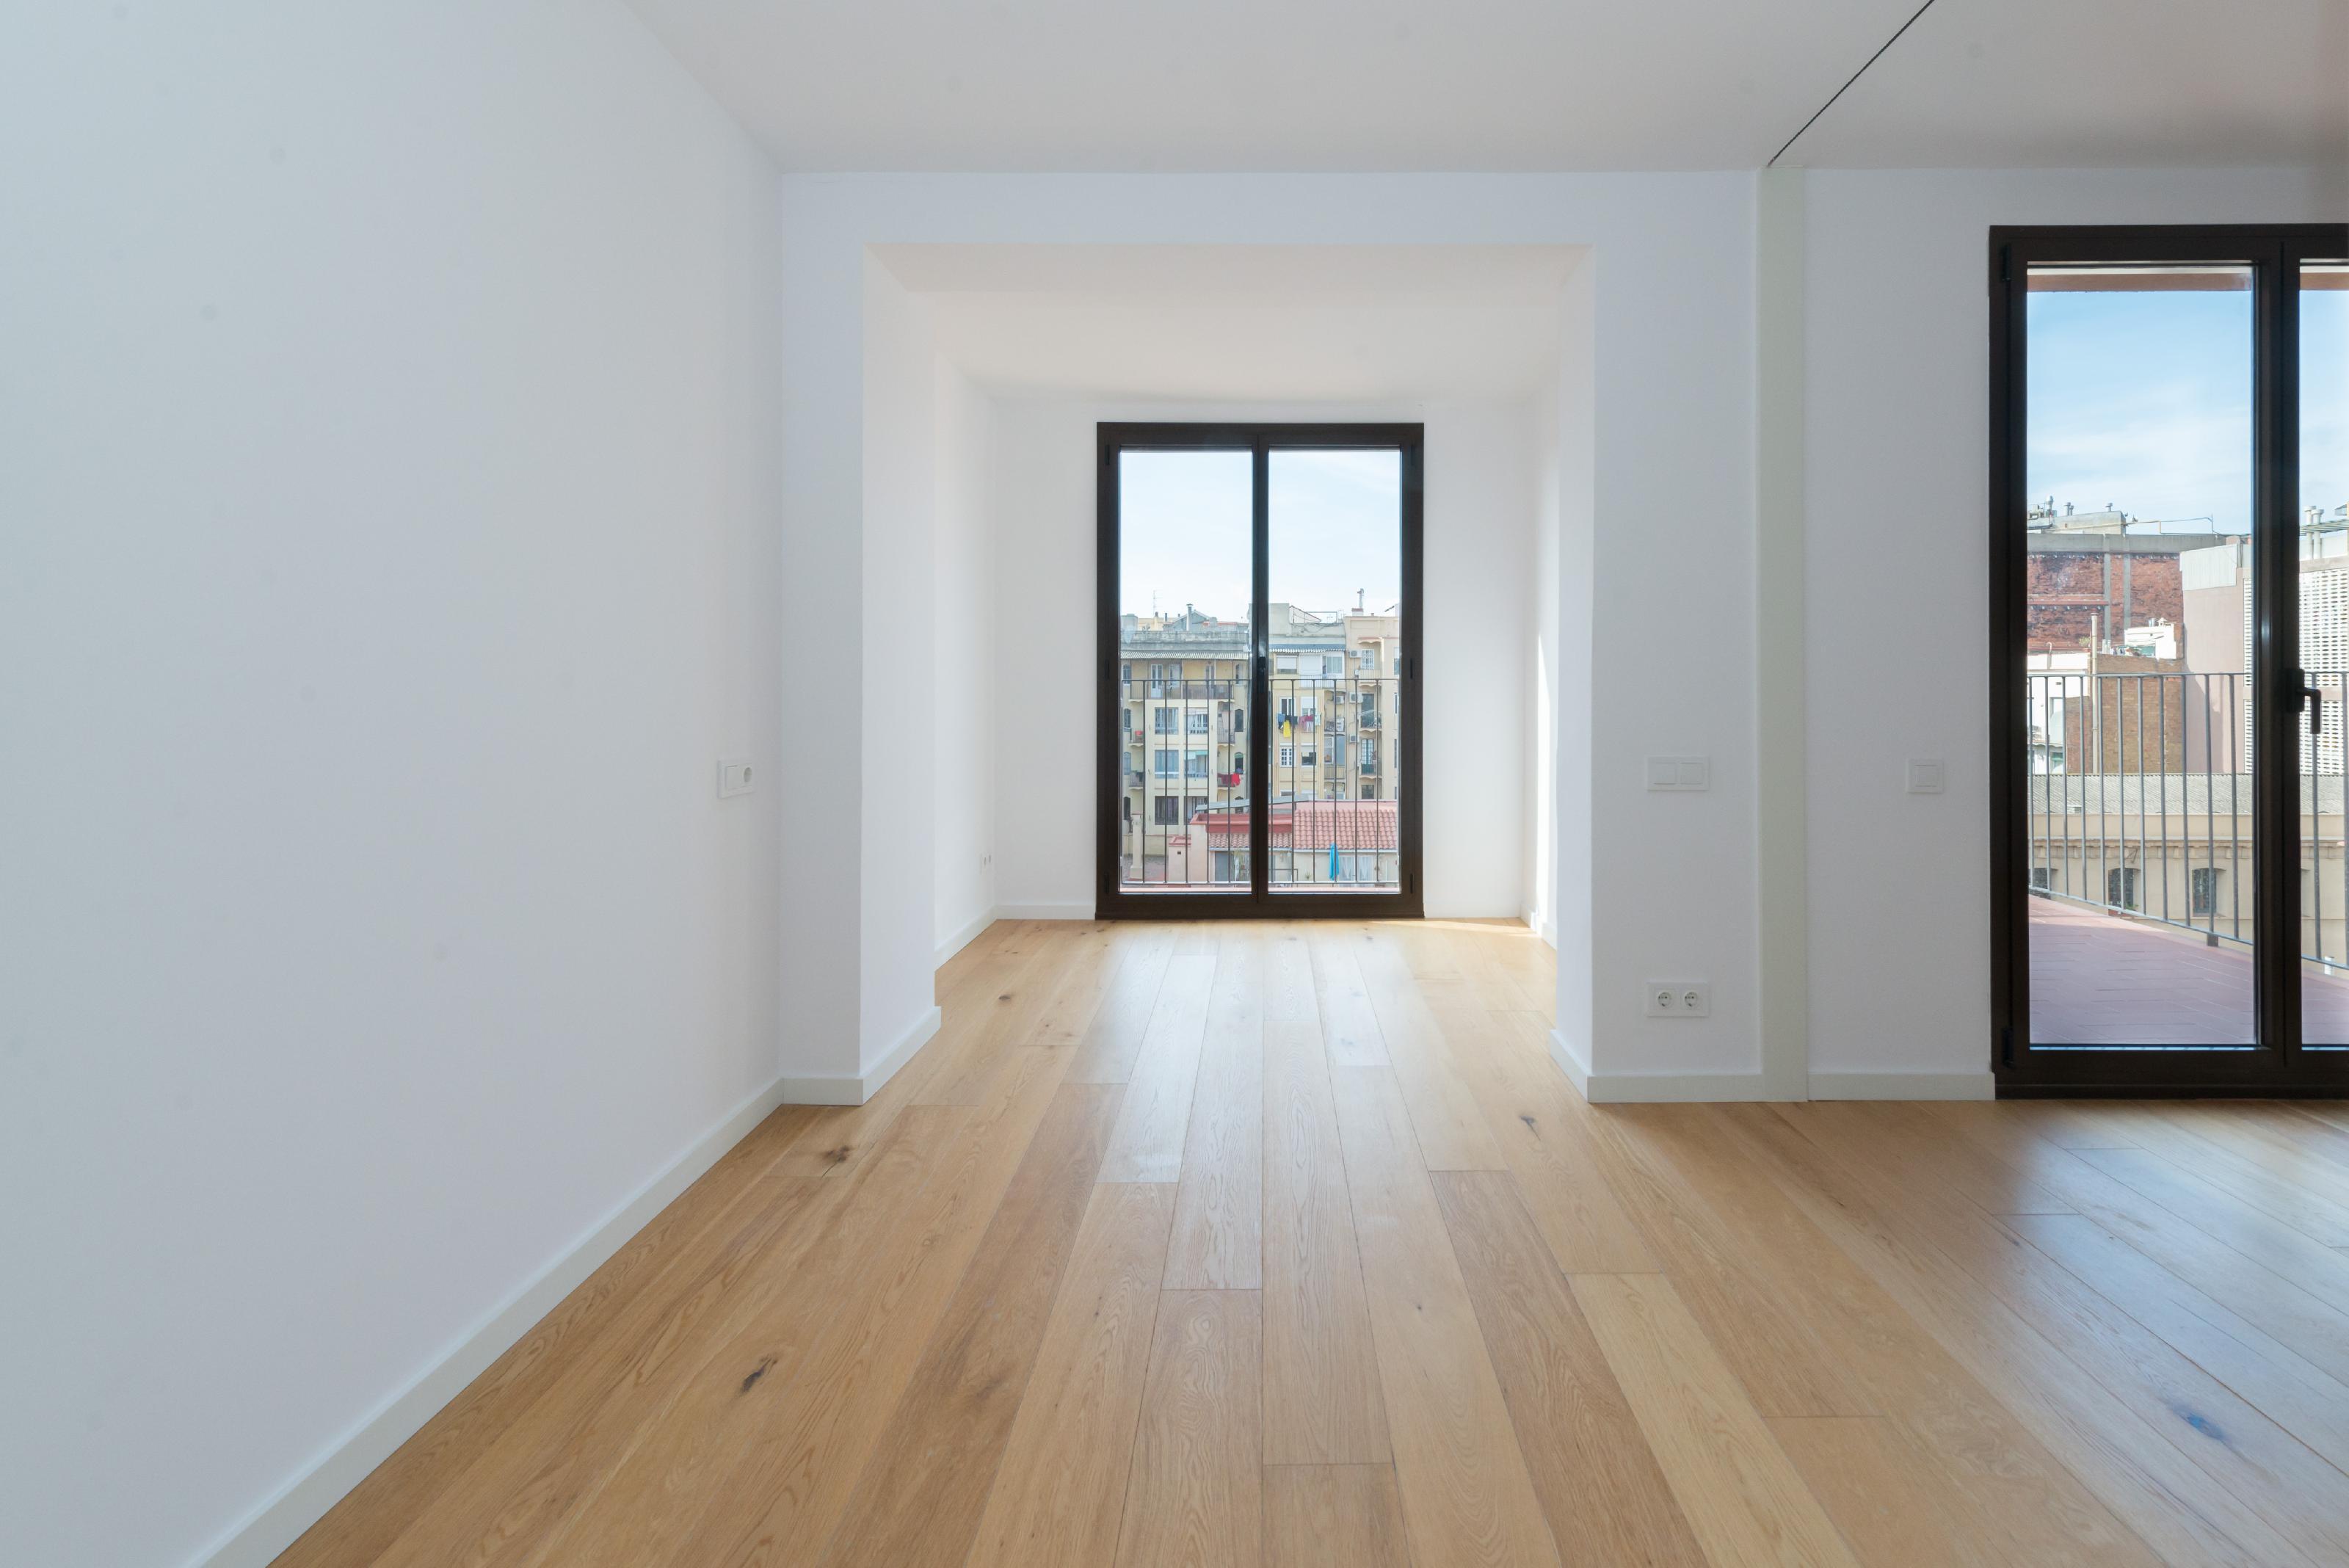 246482 Flat for sale in Eixample, Antiga Esquerre Eixample 2